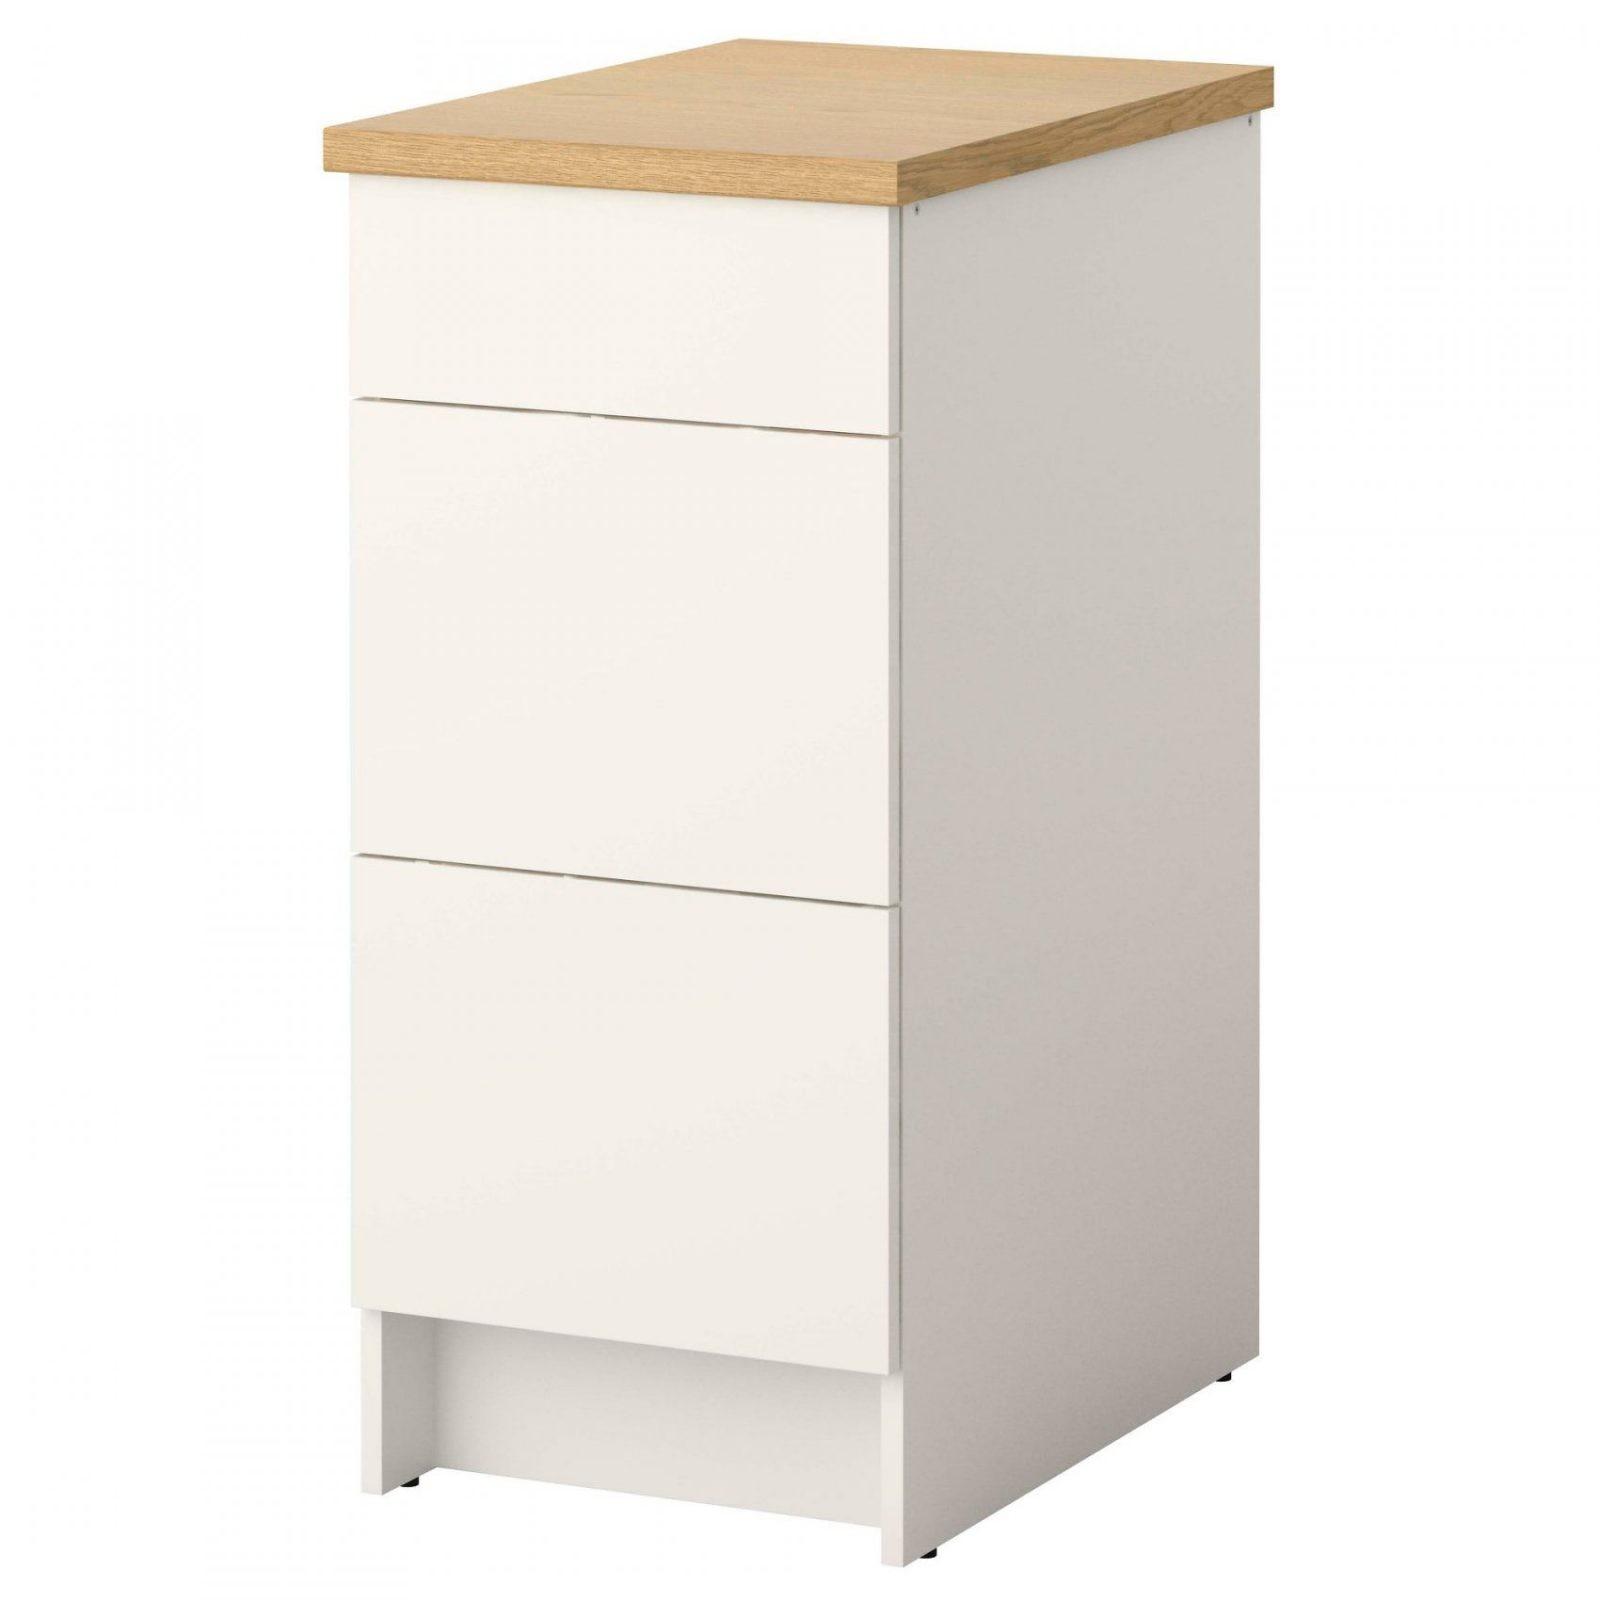 Knoxhult Küche  Ikea von Küchenschrank 35 Cm Tief Bild